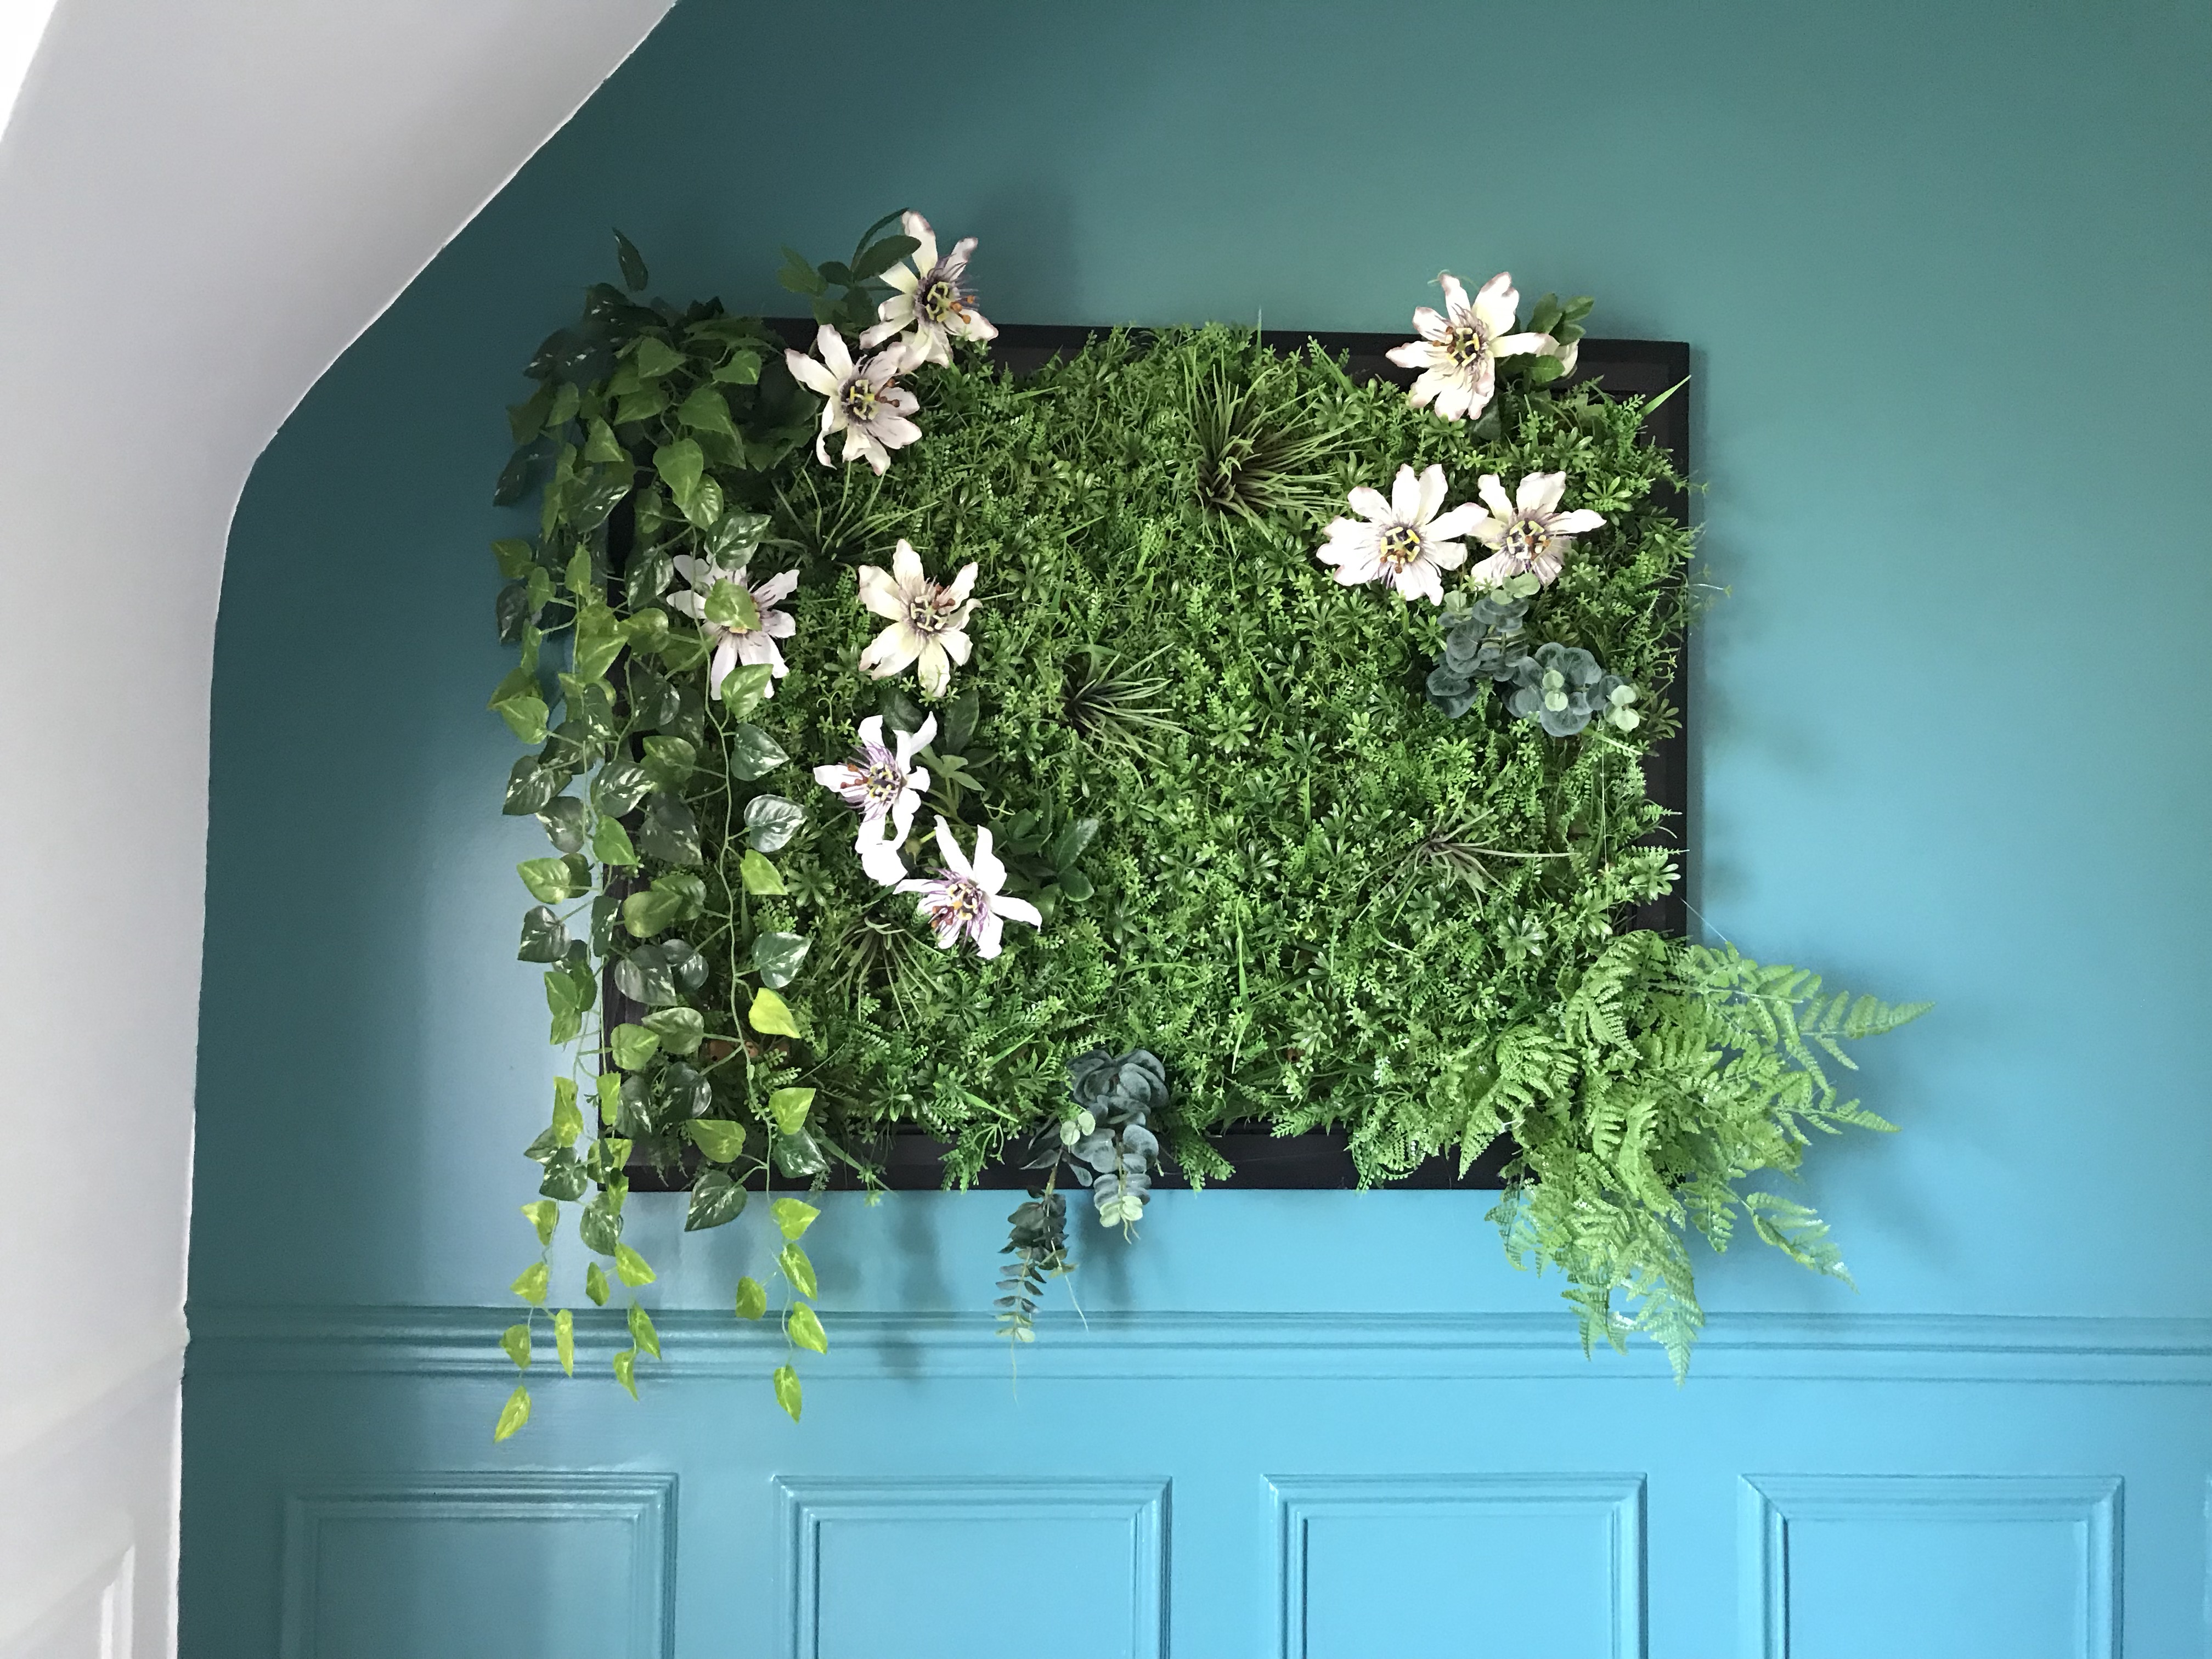 tableau végétal - DIY réaliser son cadre végétal